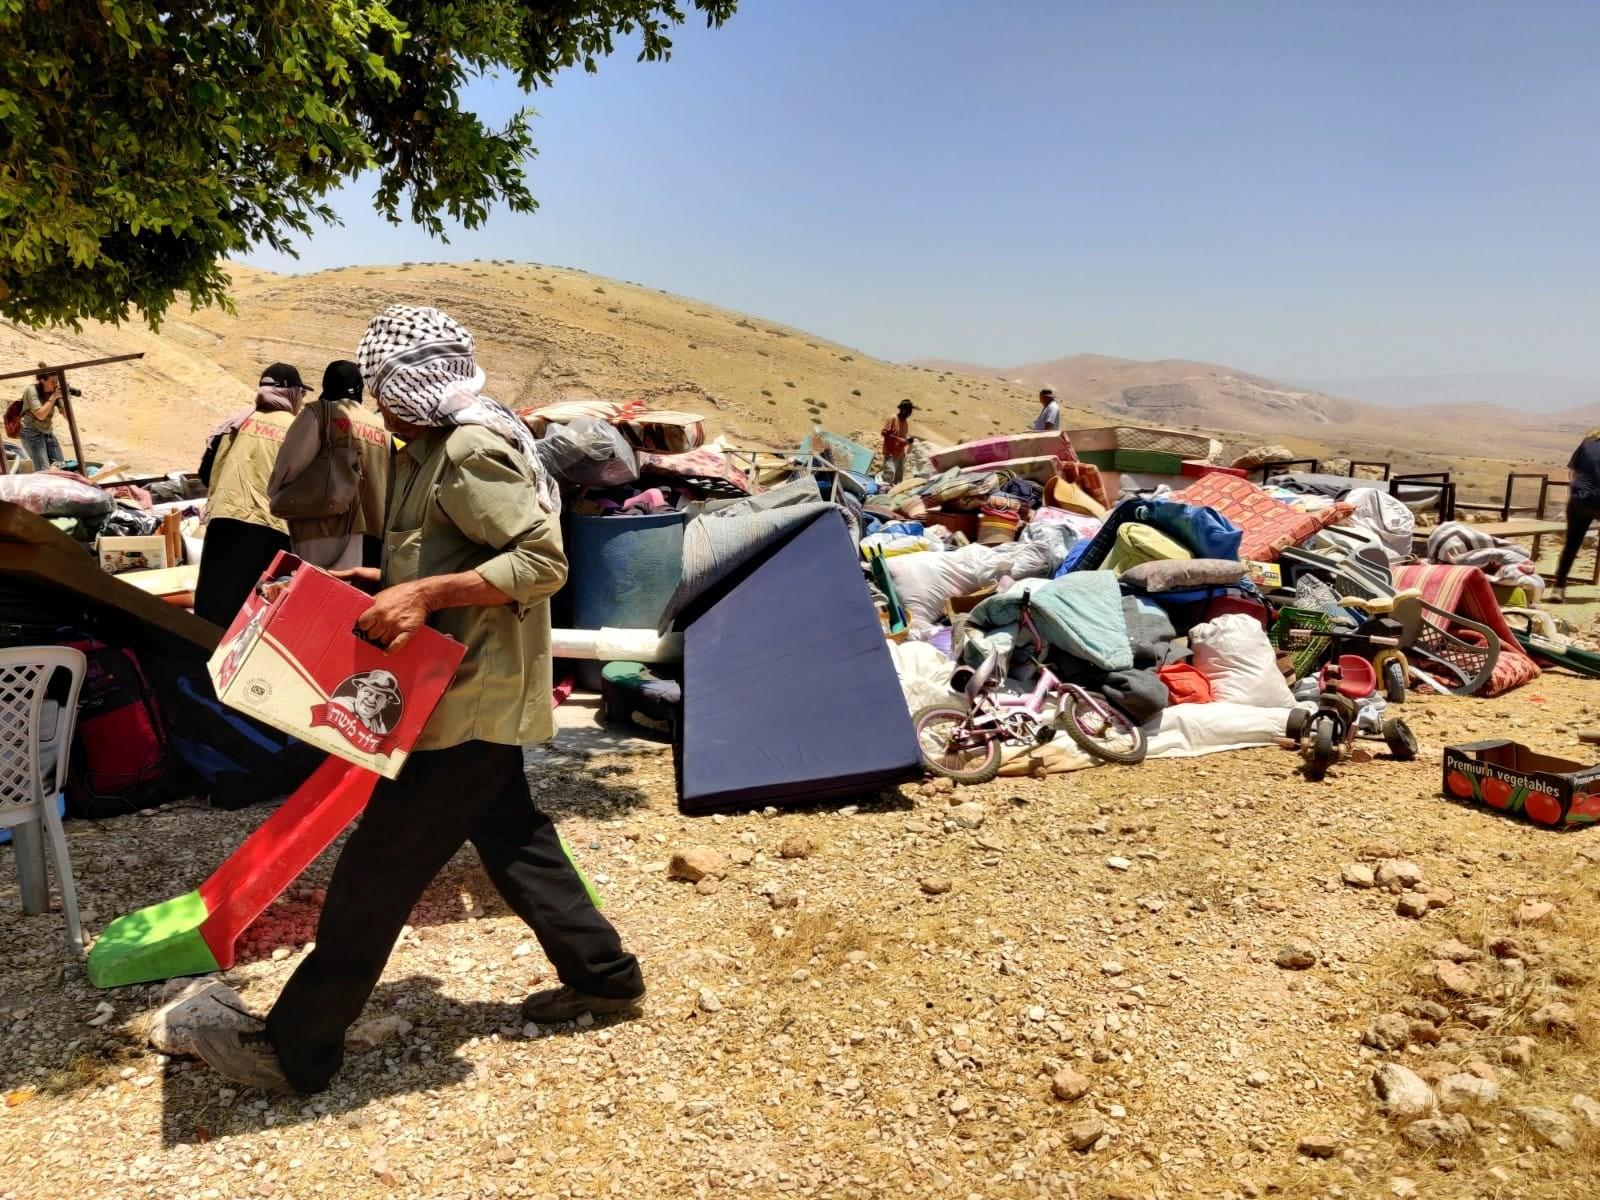 צבא הכיבוש ניסה למנוע סיוע של פעילי שלום לתושבי חומסה אל־בקייעה שנהרס השבוע